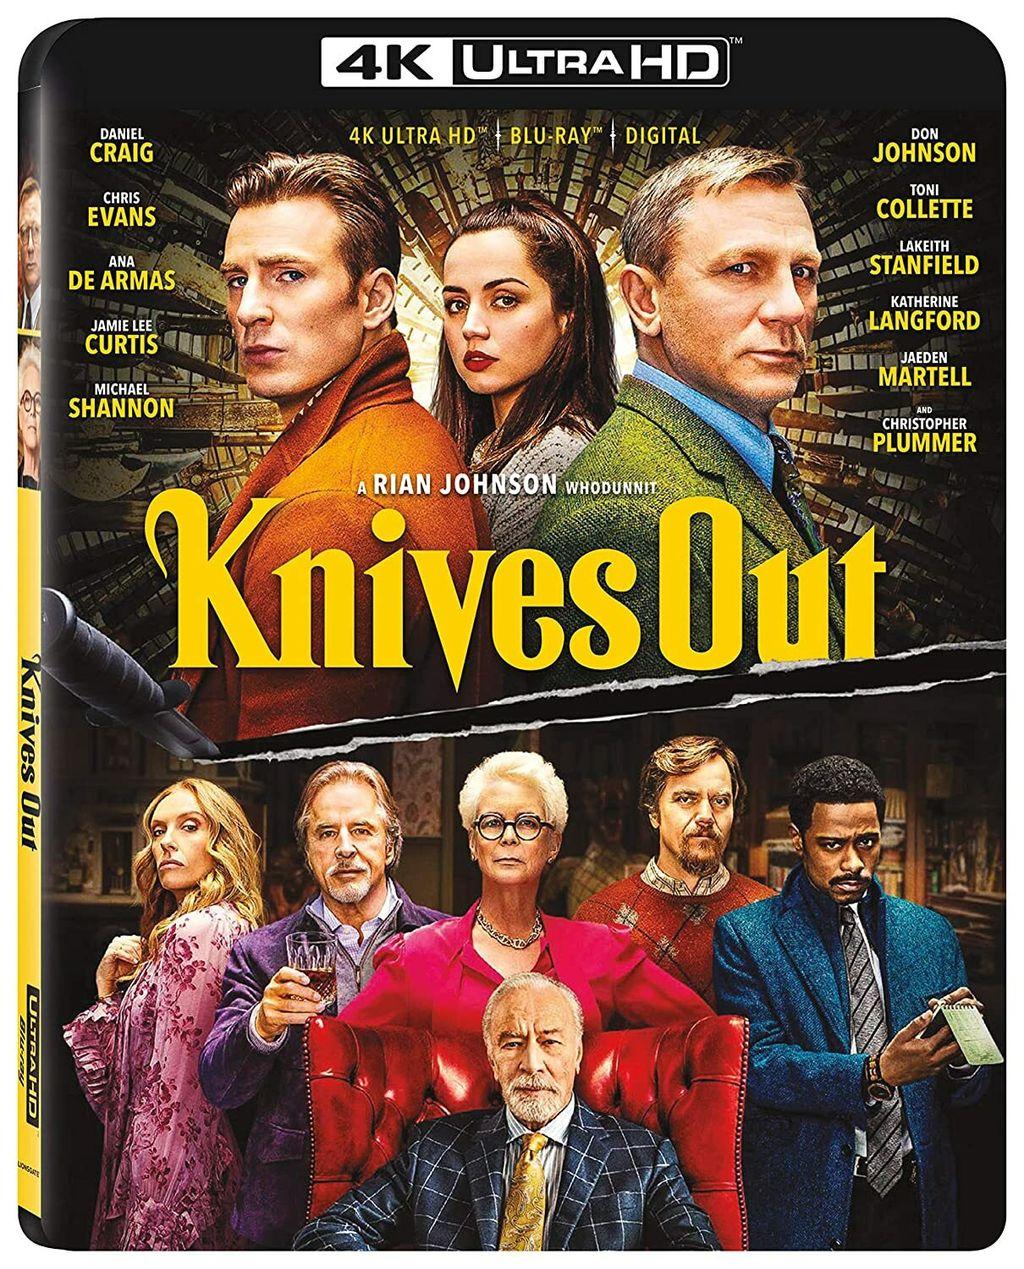 Knives Out 4K Ultra HD Blu-ray Malaysia.jpg